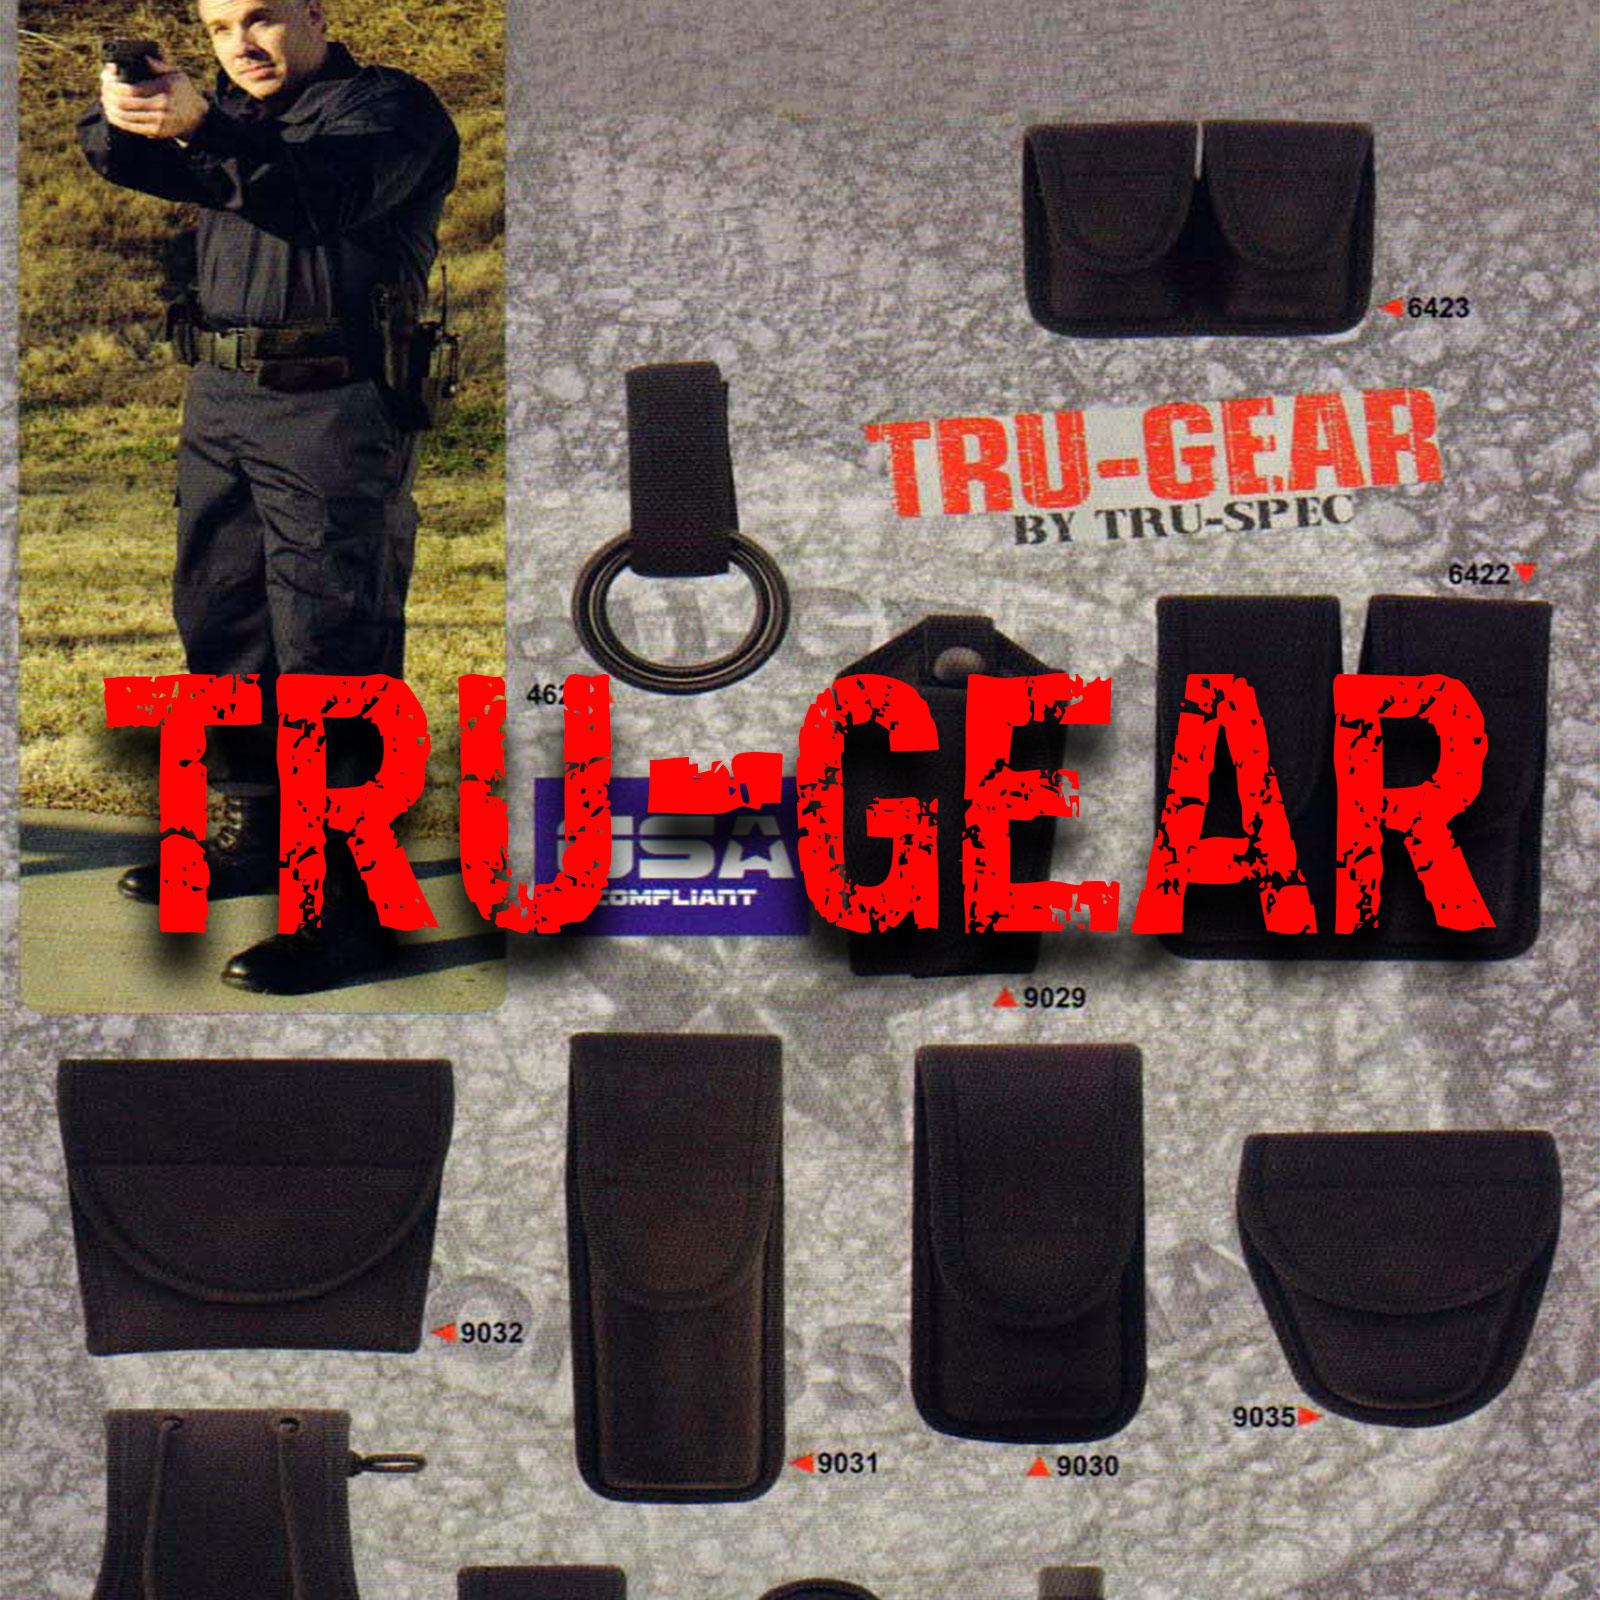 Tru-Gear